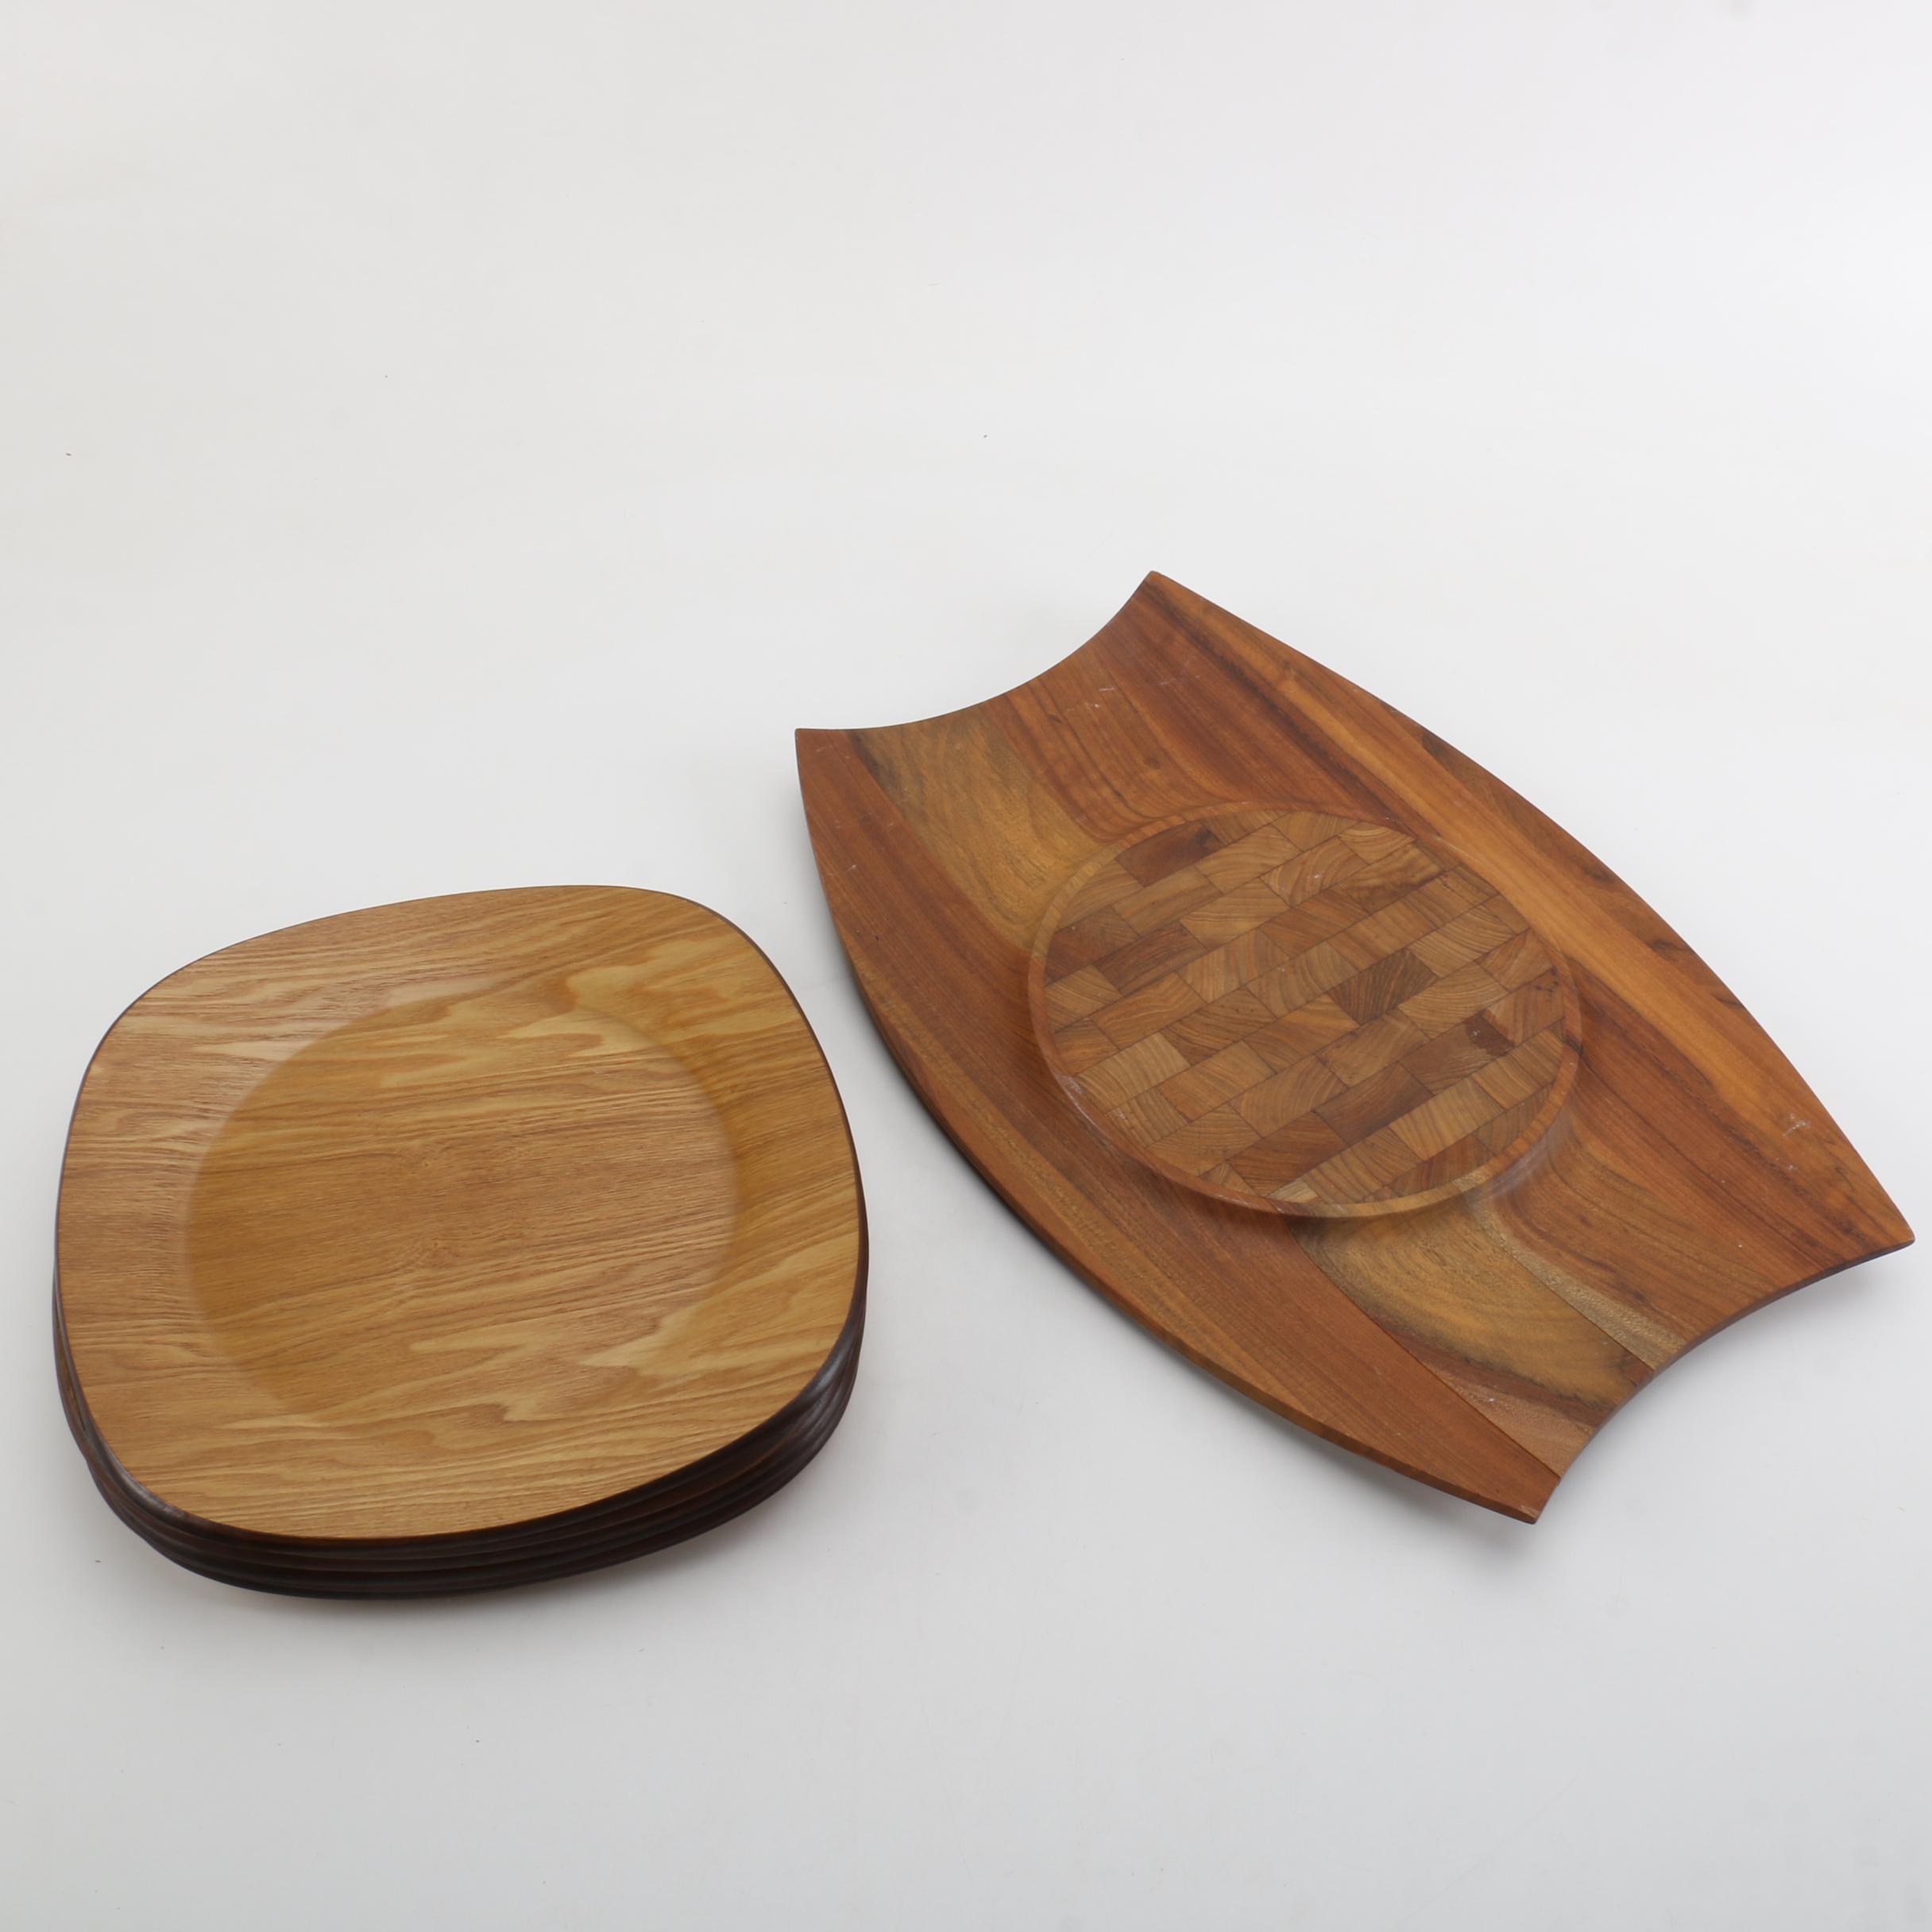 & Vintage Dansk Wooden Plates and Jens Quistgaard \